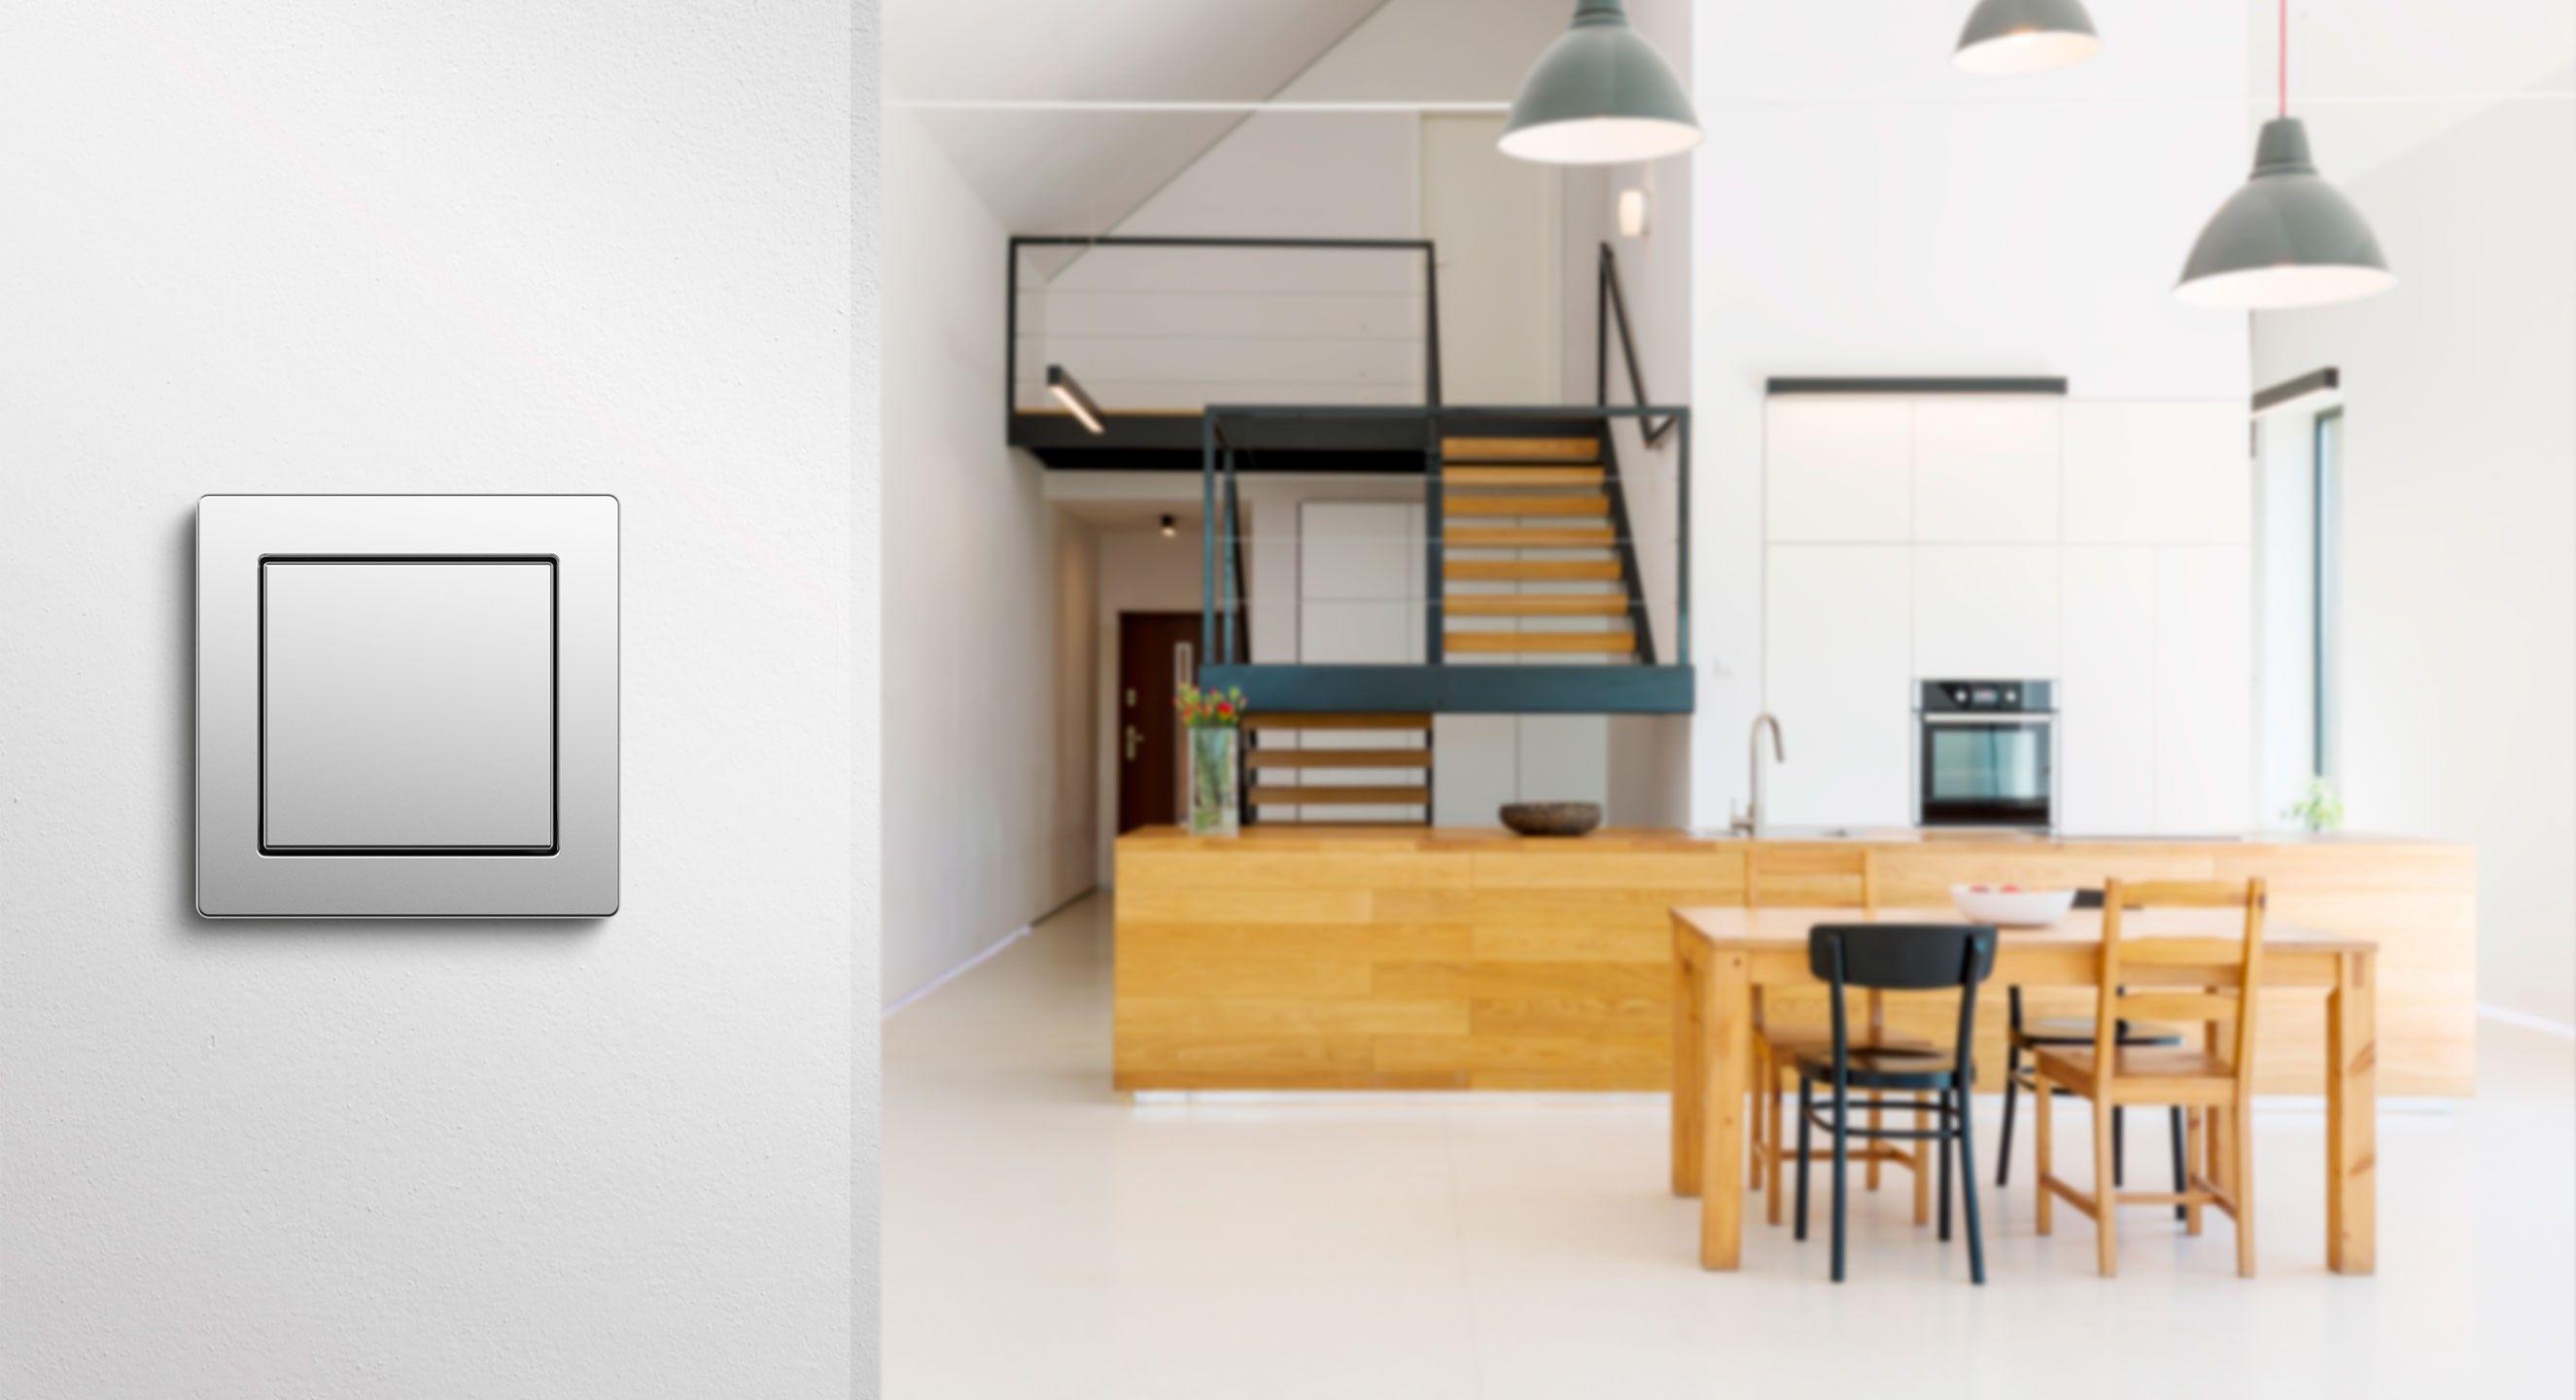 Gira E2 flach in Edelstahl an der Küchenwand montiert